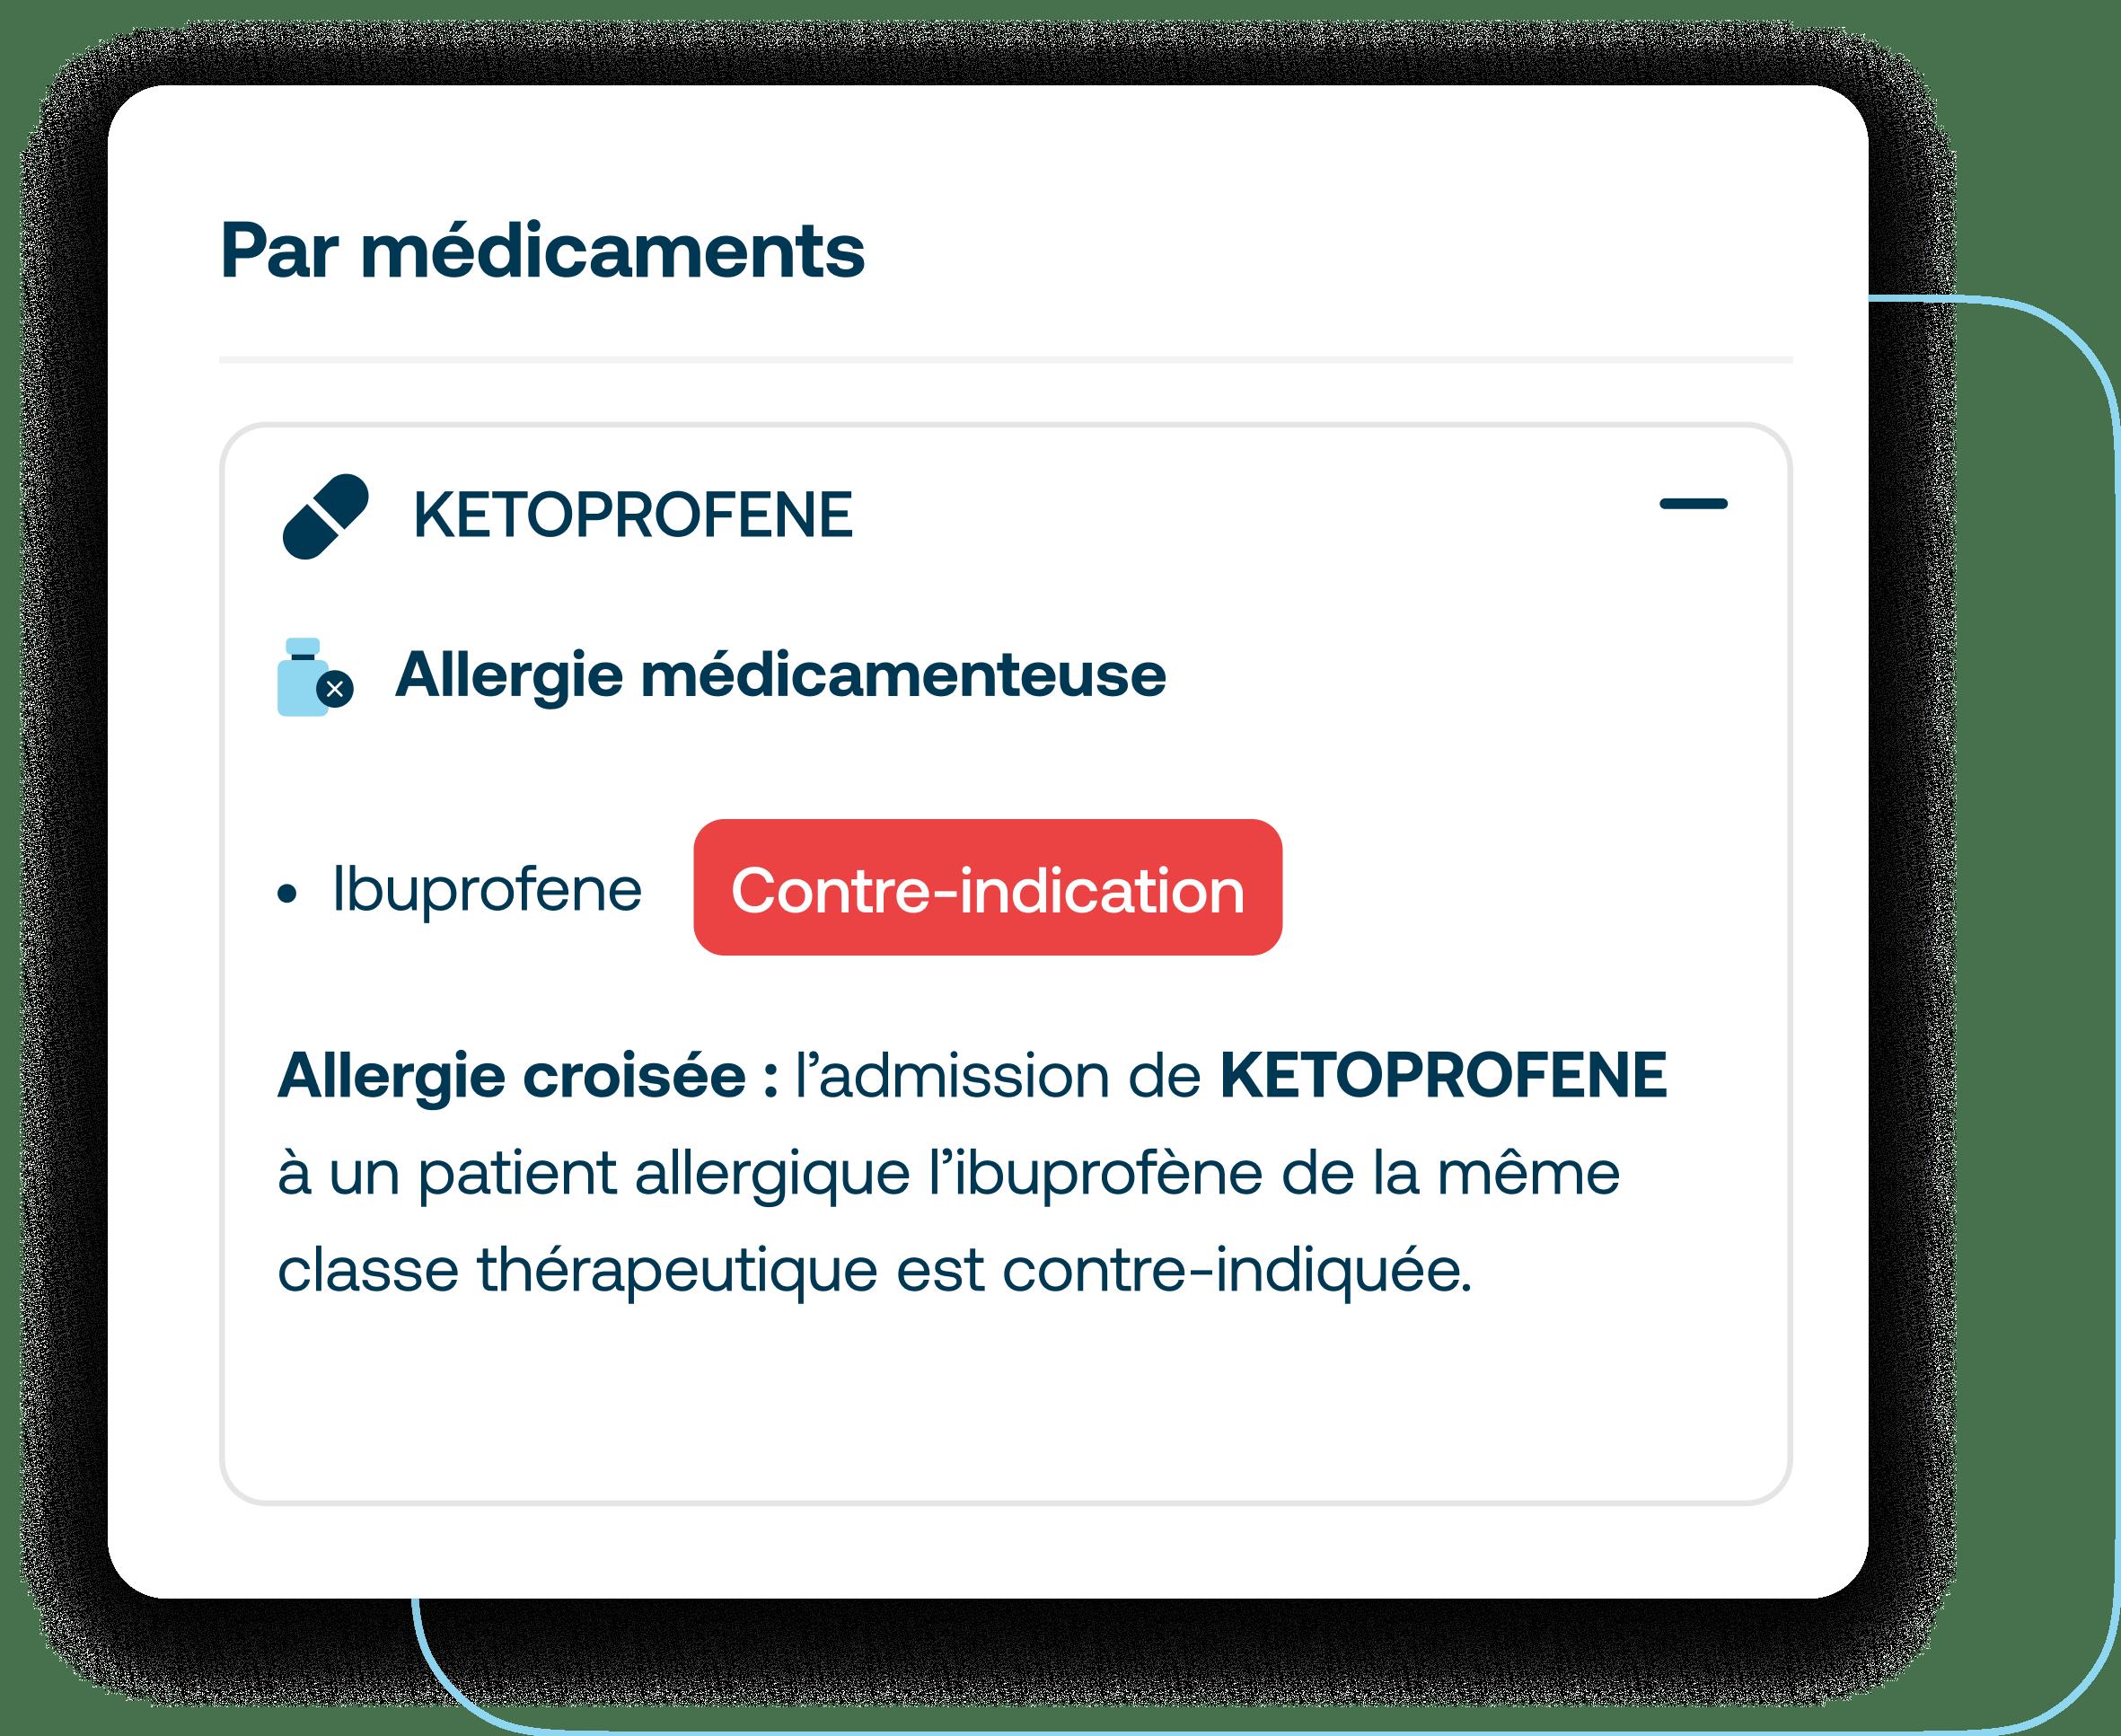 Allergies médicamenteuses disponibles dans l'analyse d'ordonnance